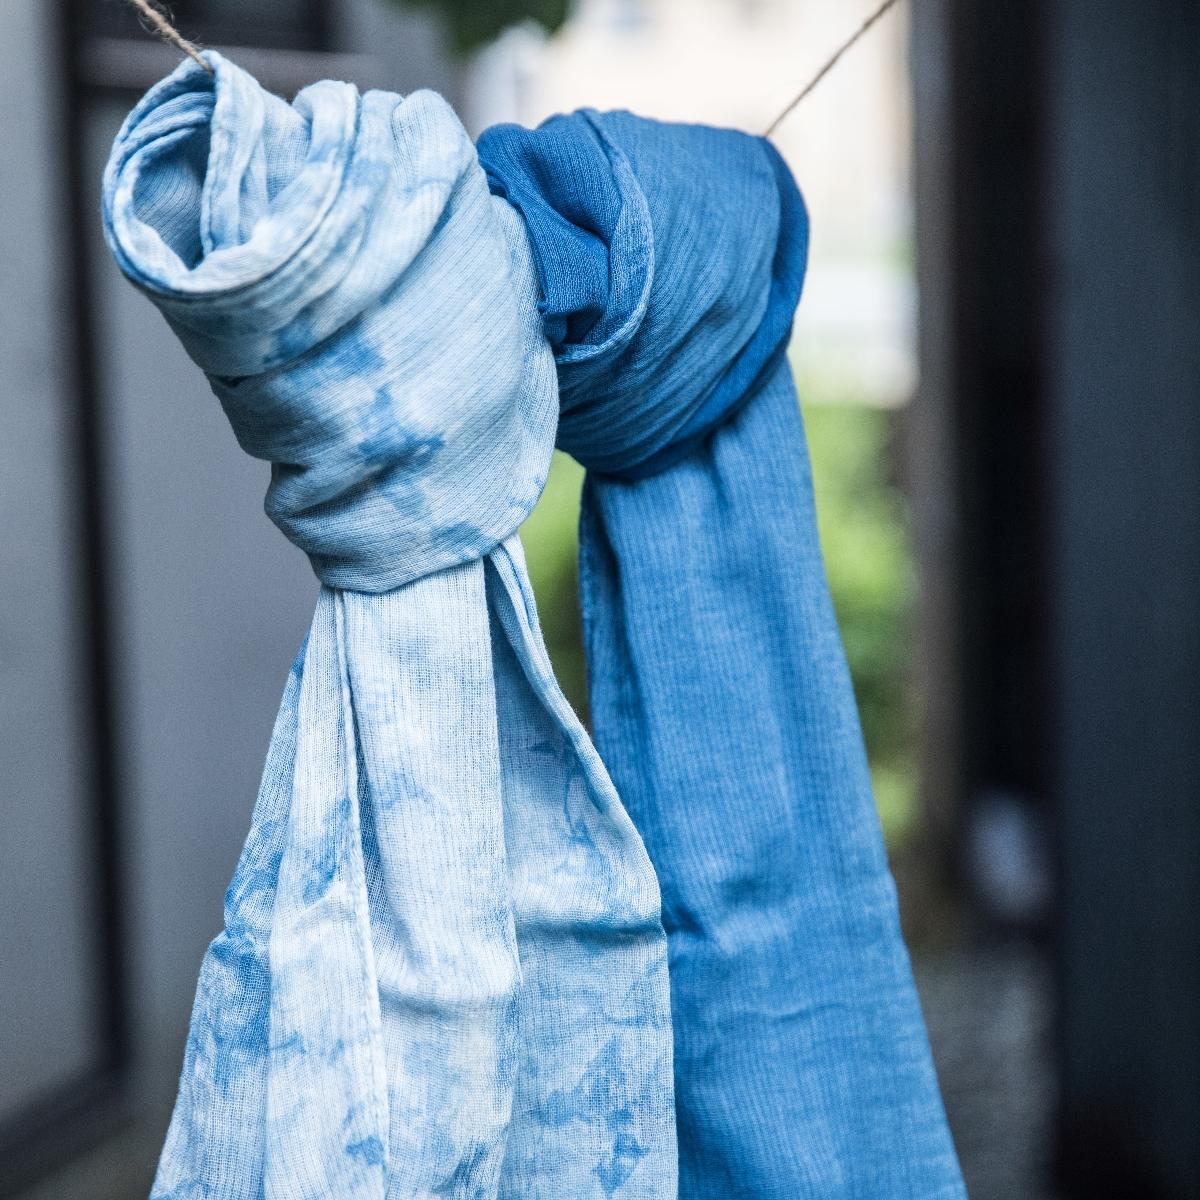 【ふるさと納税】TTS21あまべ藍シフォンストール グラデーション柄【伝統工芸】